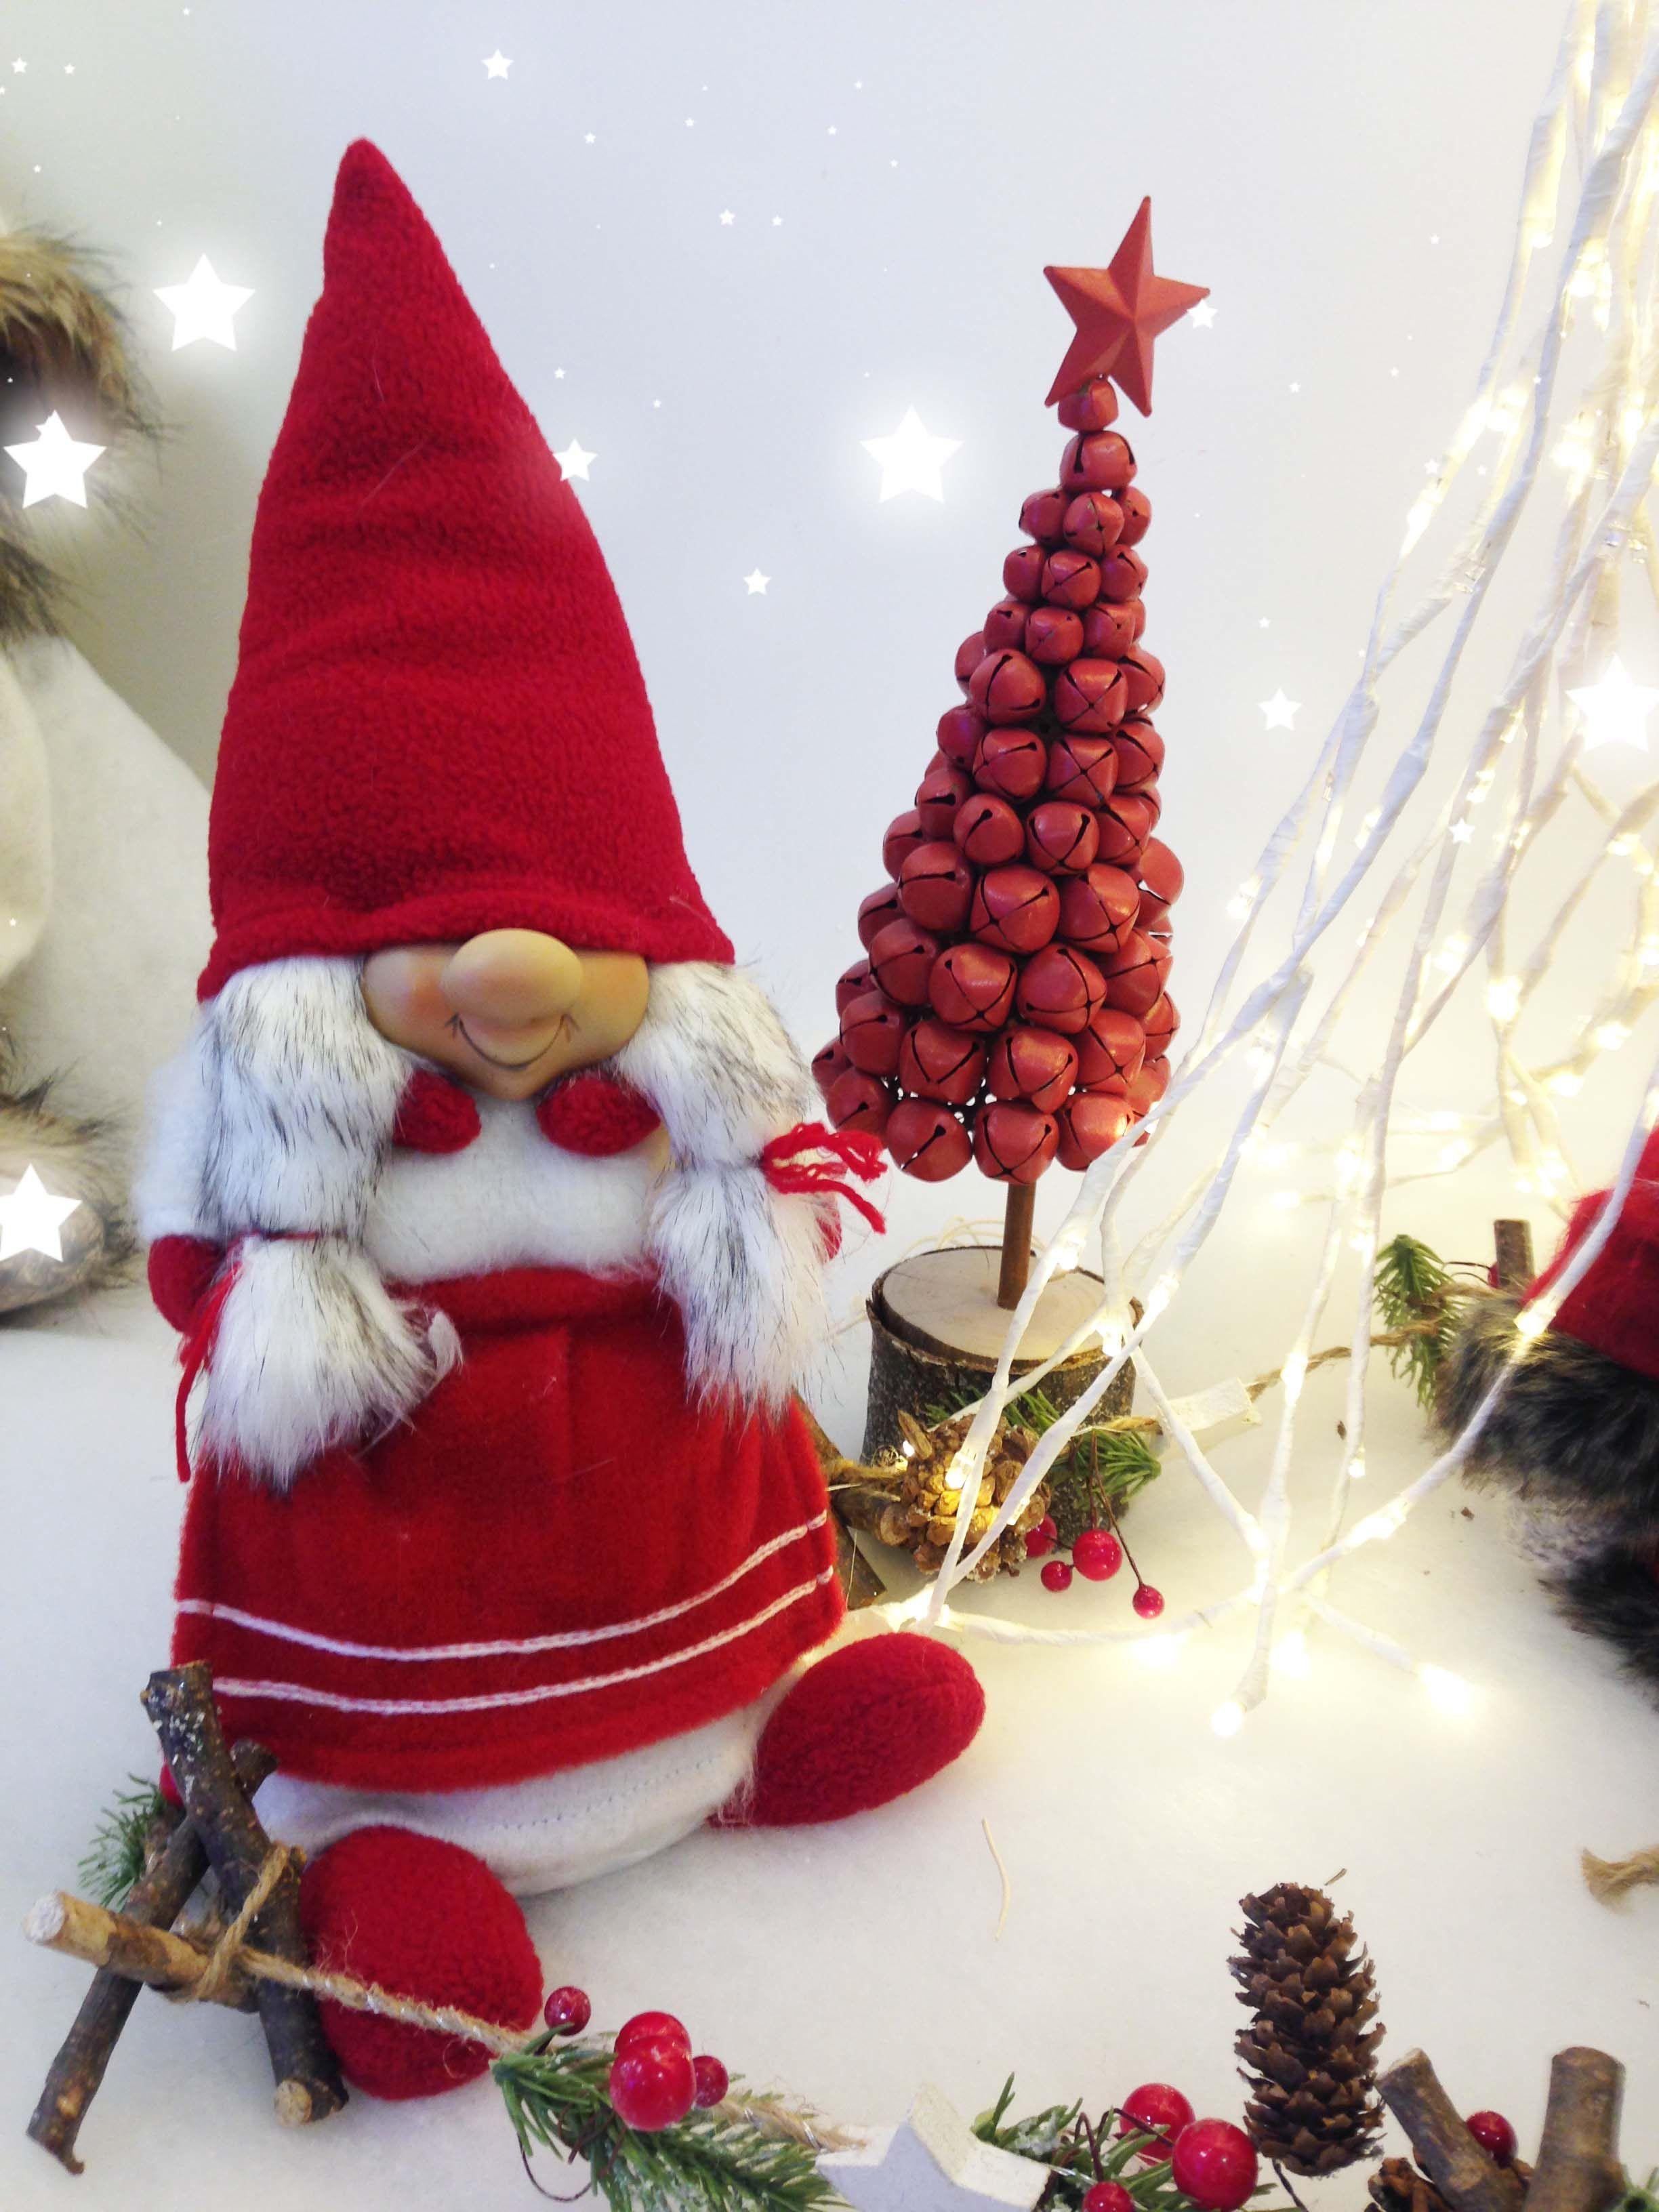 Addobbi Di Natale Immagini.La Parte Piu Bella Delle Feste E Decorare Ogni Angolo Della Casa Con Addobbi Di Natale Vacchetti Vacchet Ornamenti Natalizi Decorazioni Di Natale Natale